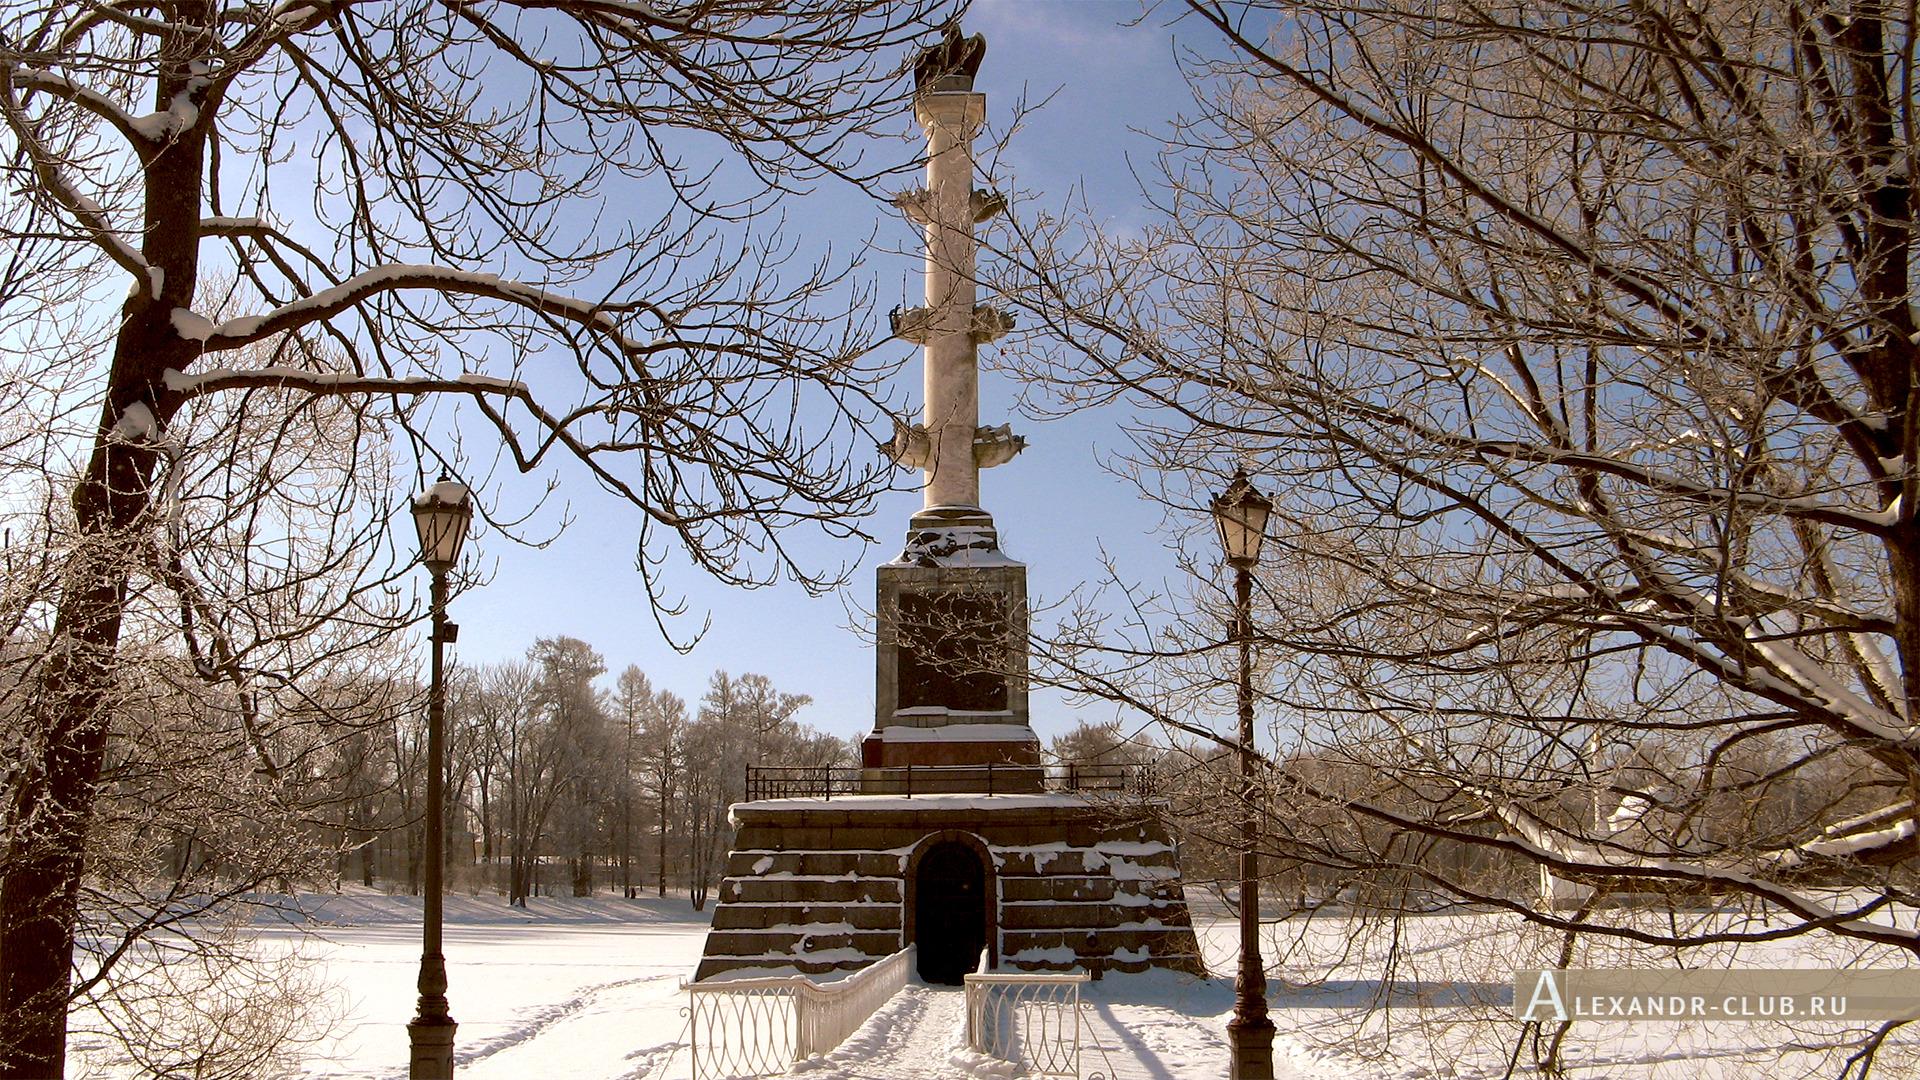 Царское Село, зима, Екатерининский парк, Чесменская колонна – 1